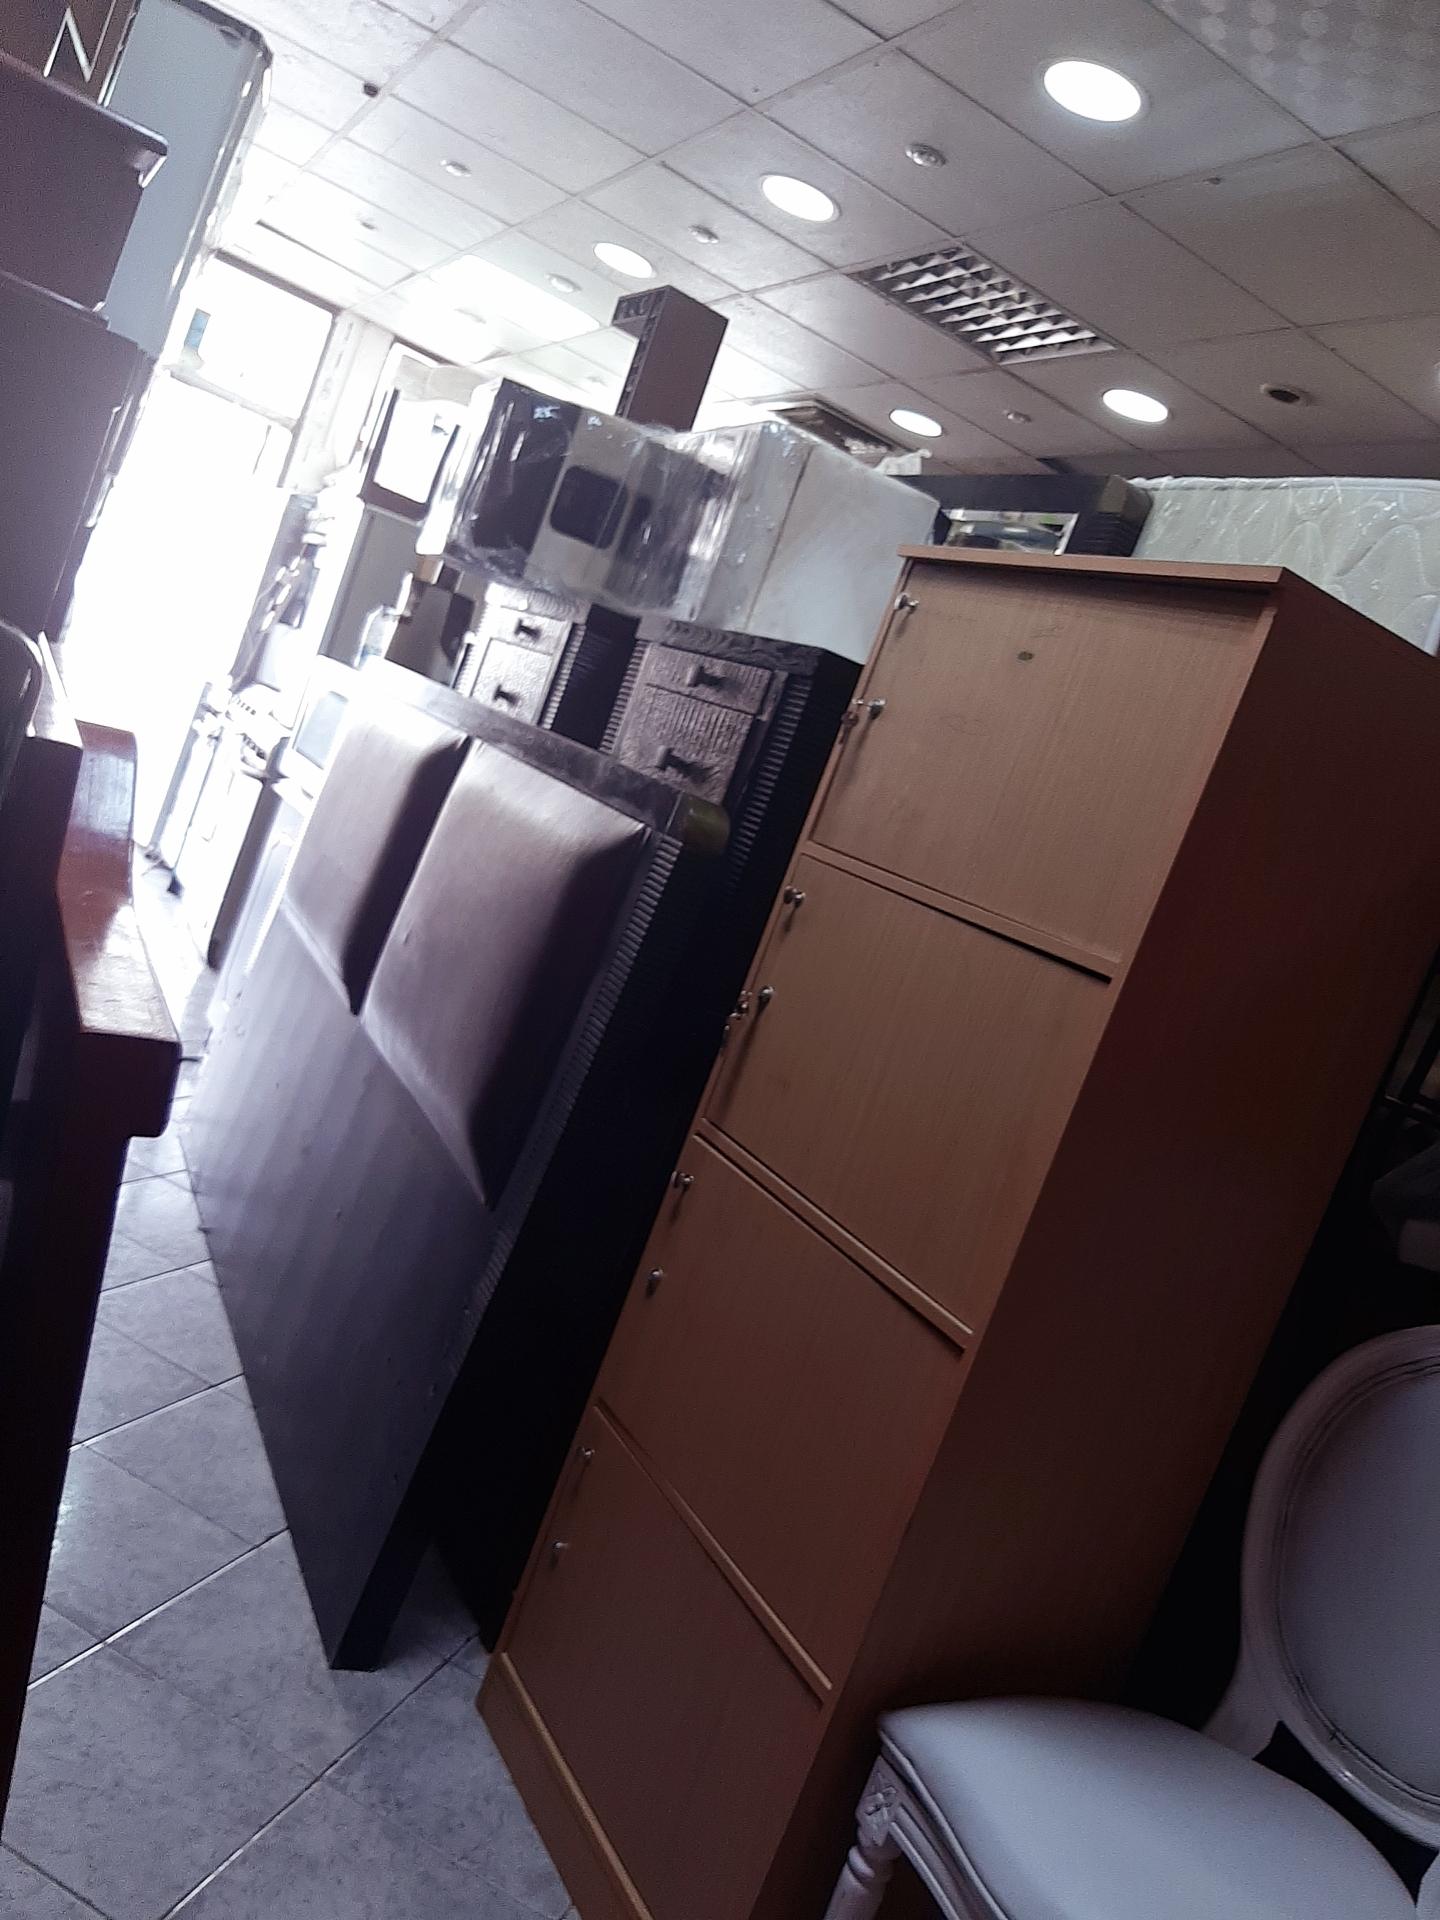 Kainat used furniture